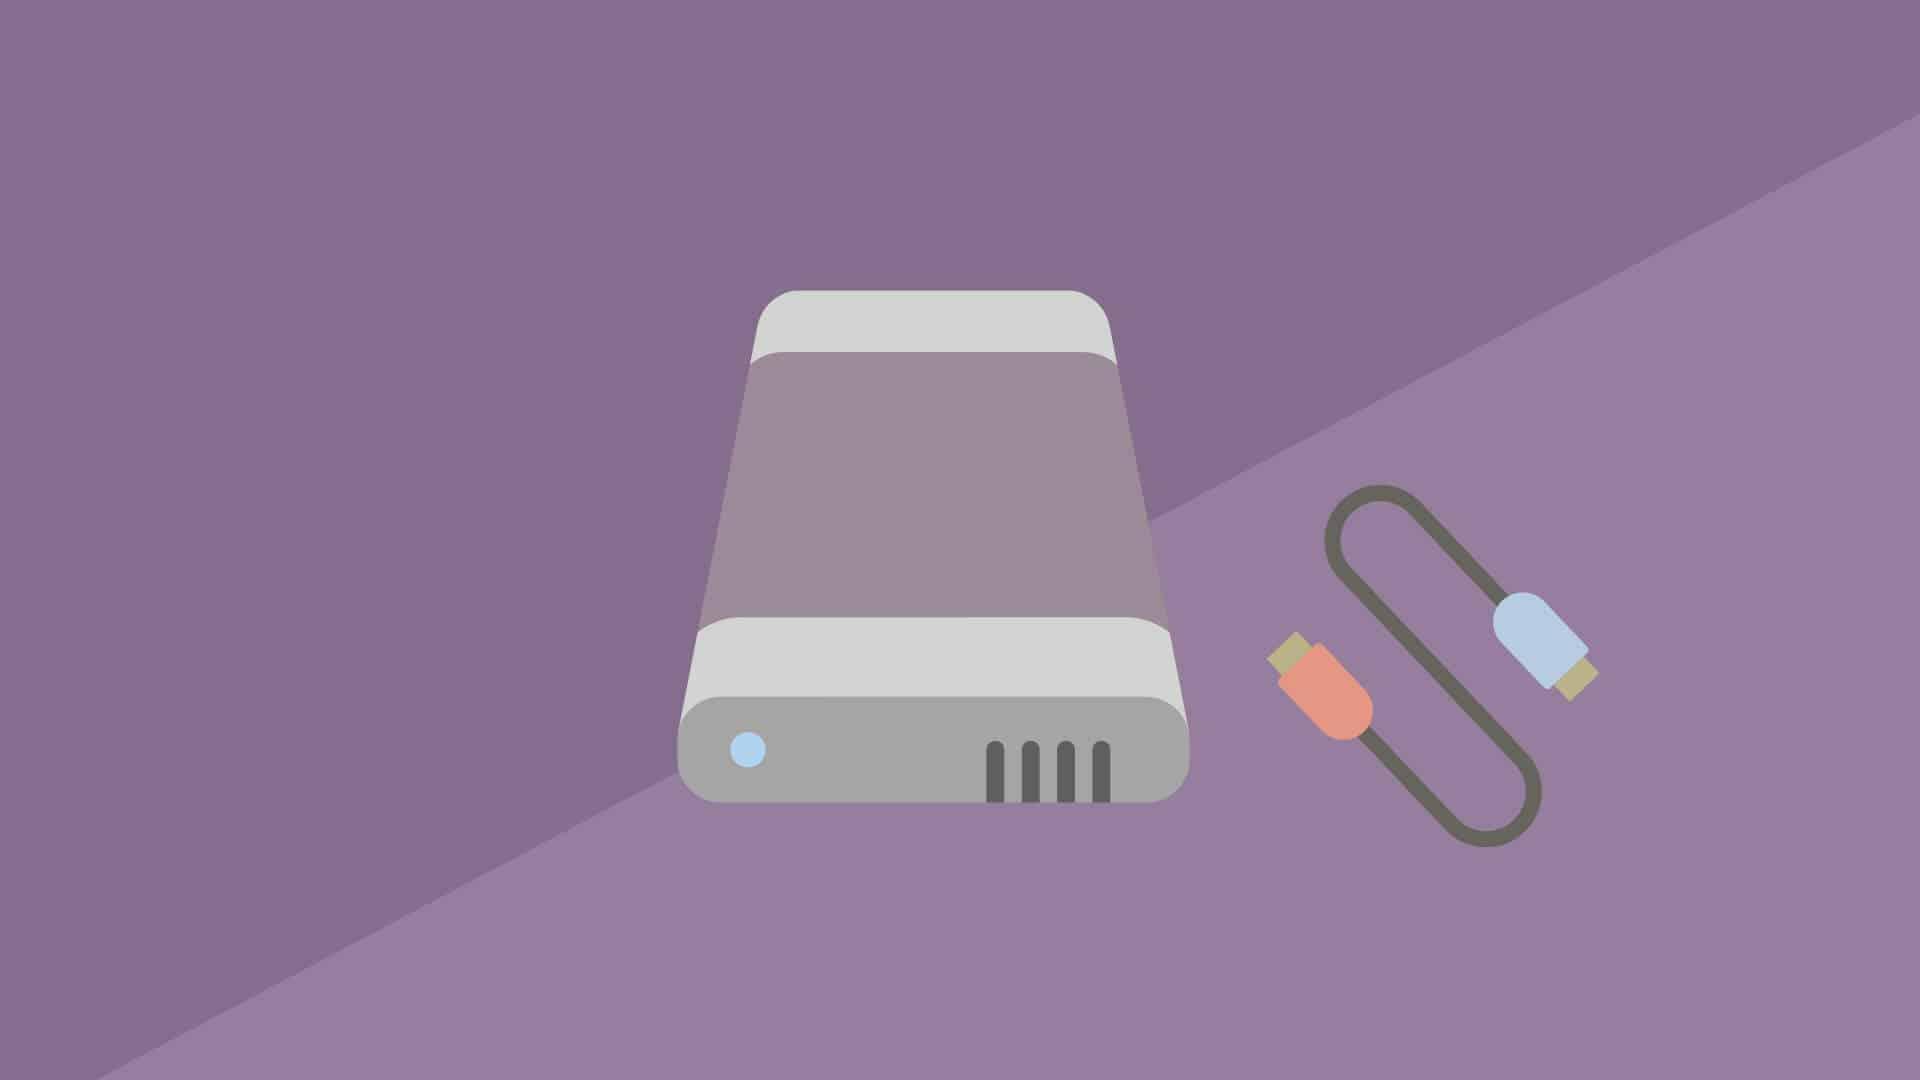 Hard Wallet, elektronisches Gerät zur sicheren Aufbewahrung von Kryptowährungen wie Bitcoin und Ethereum, beziehungsweise Zugangsschlüsseln, Passwörtern, Kennwörtern